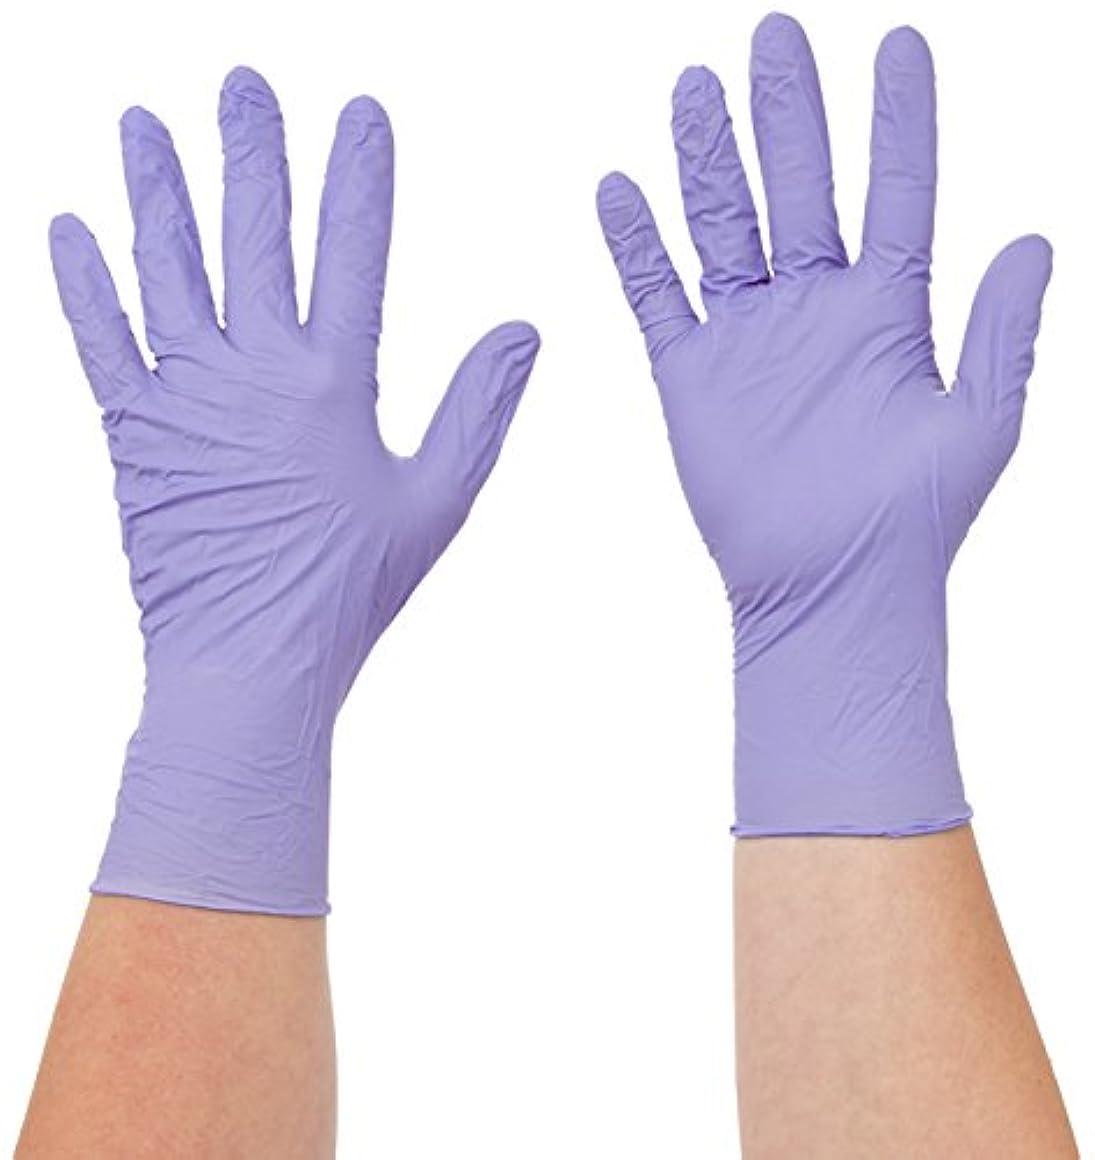 その患者バリーSemperit 使い捨てニトリル手袋 Xtra Lite 0.14mm 粉無(入数:200枚) 3000001618